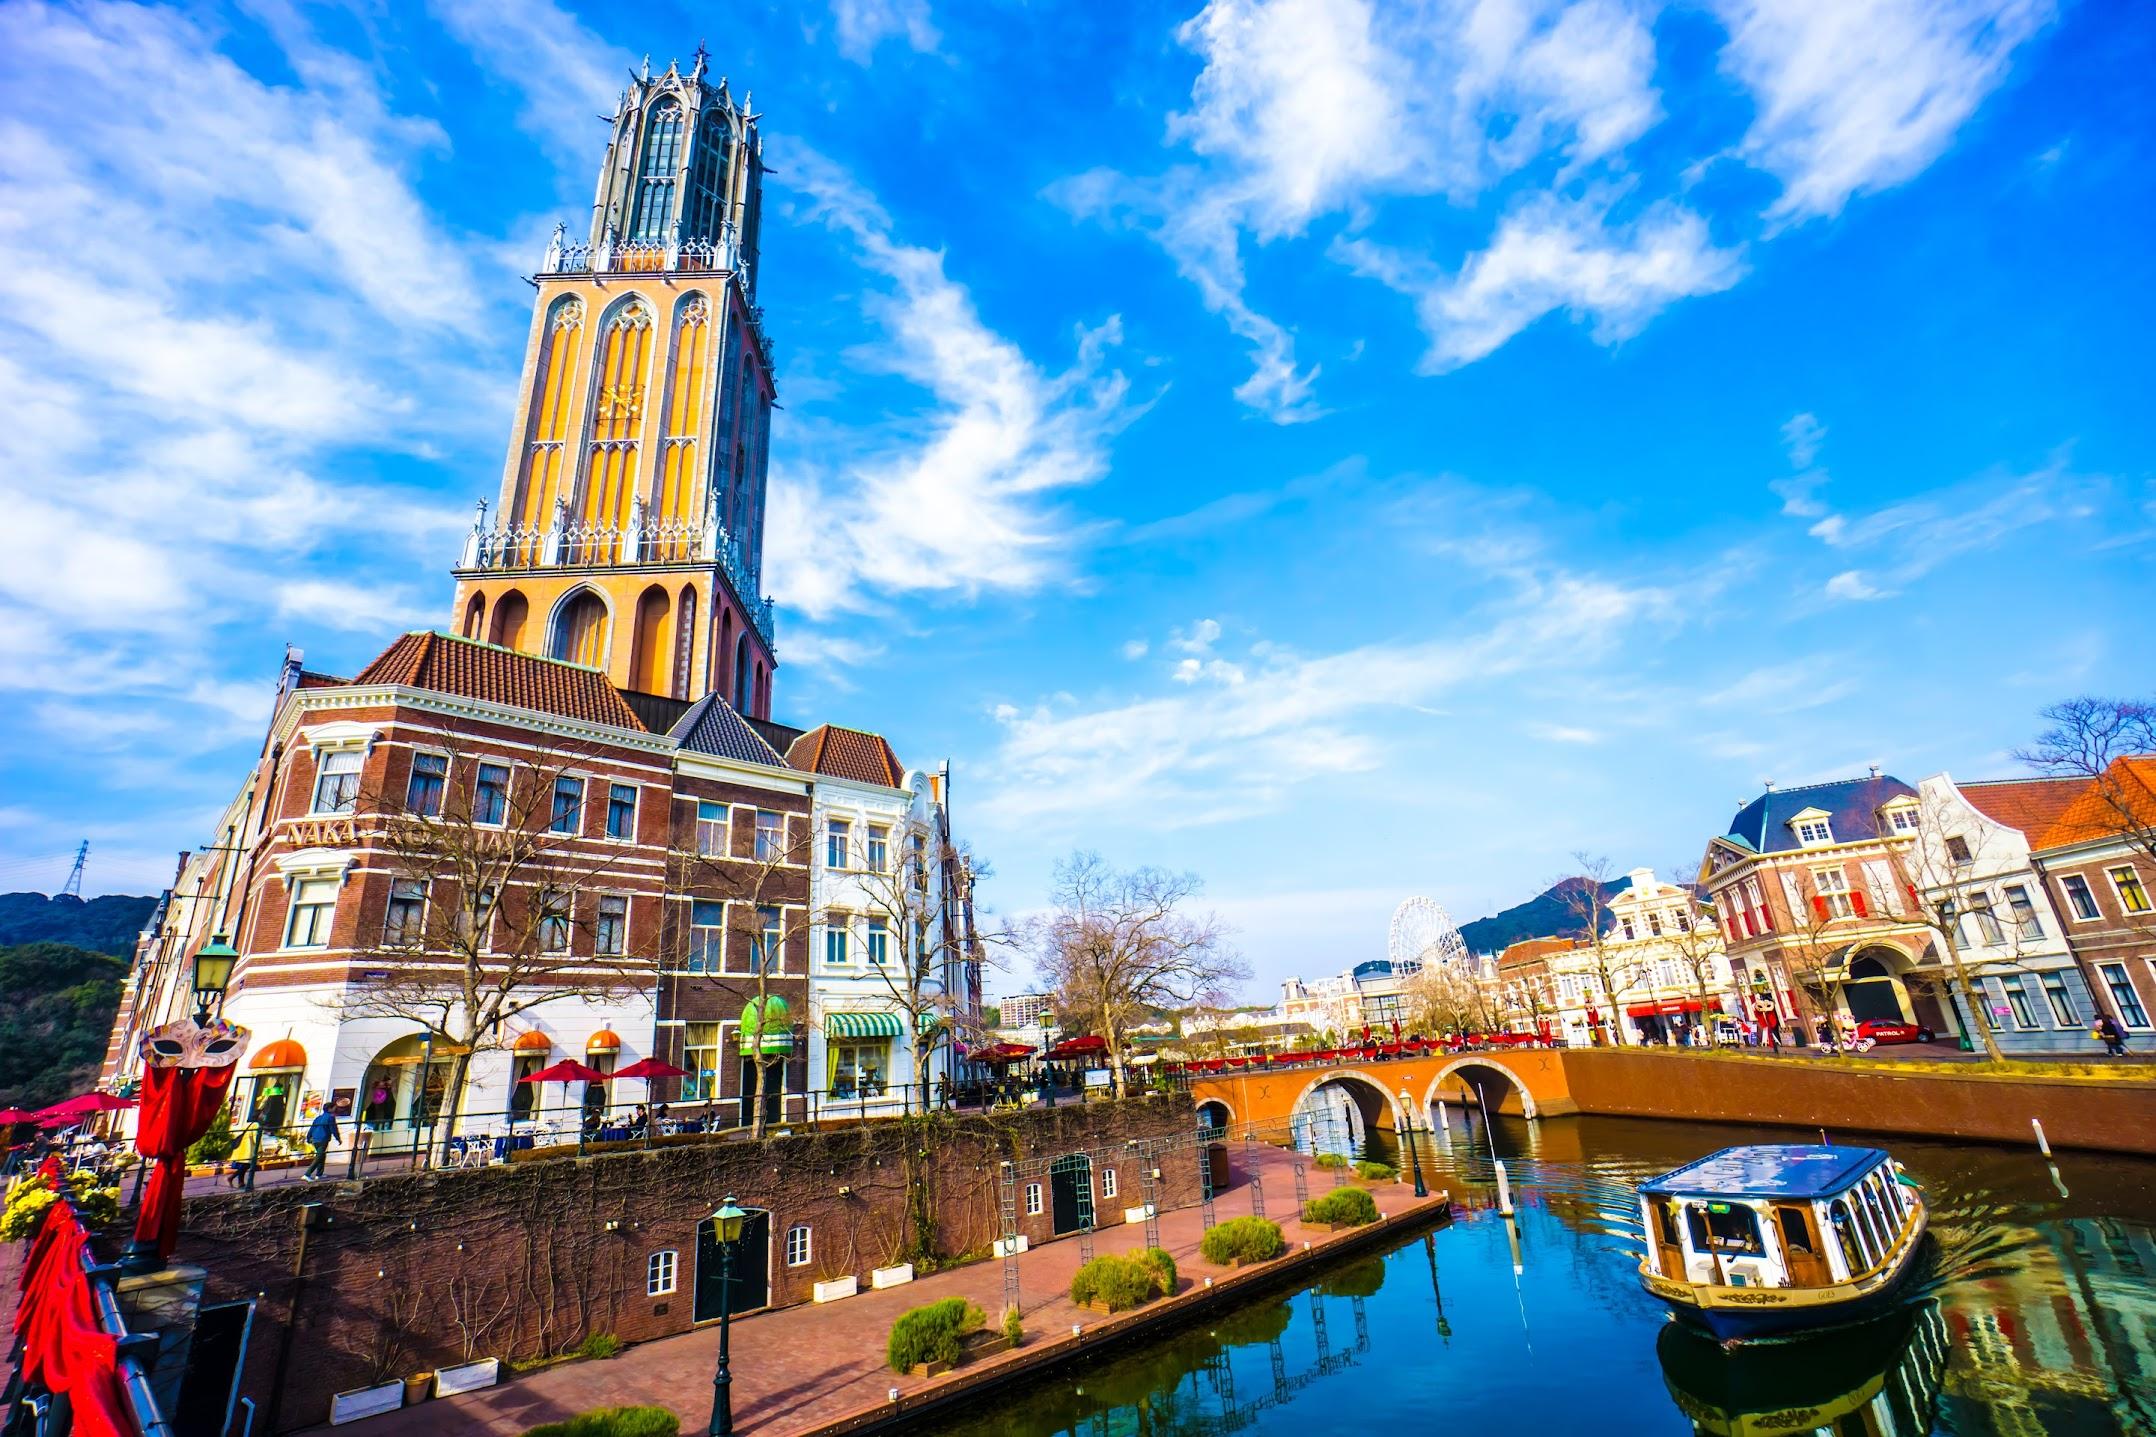 Huis Ten Bosch Canal Cruiser4